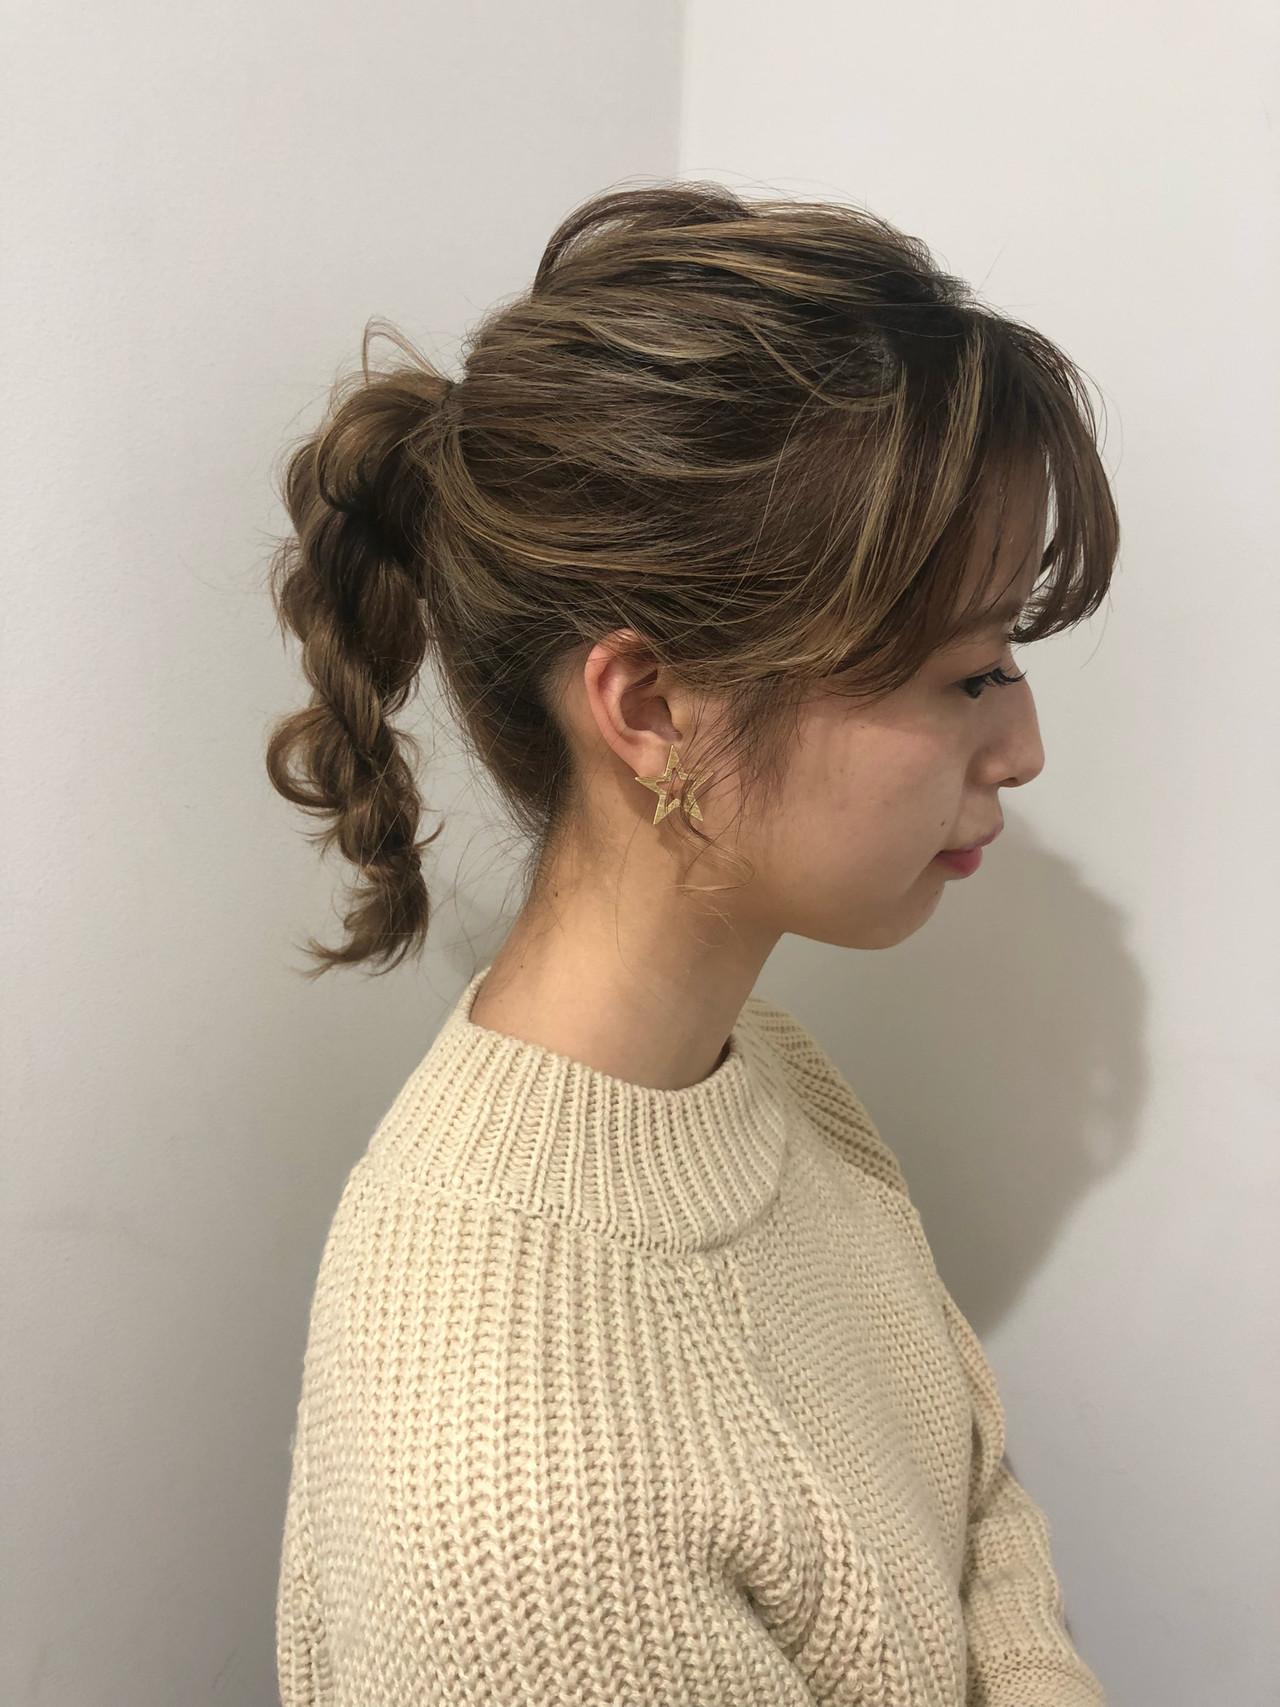 ねじりがポイントの一つ結びアレンジ 銀座美容師 河野絵奈  kakimotoamsGINZA2chome店